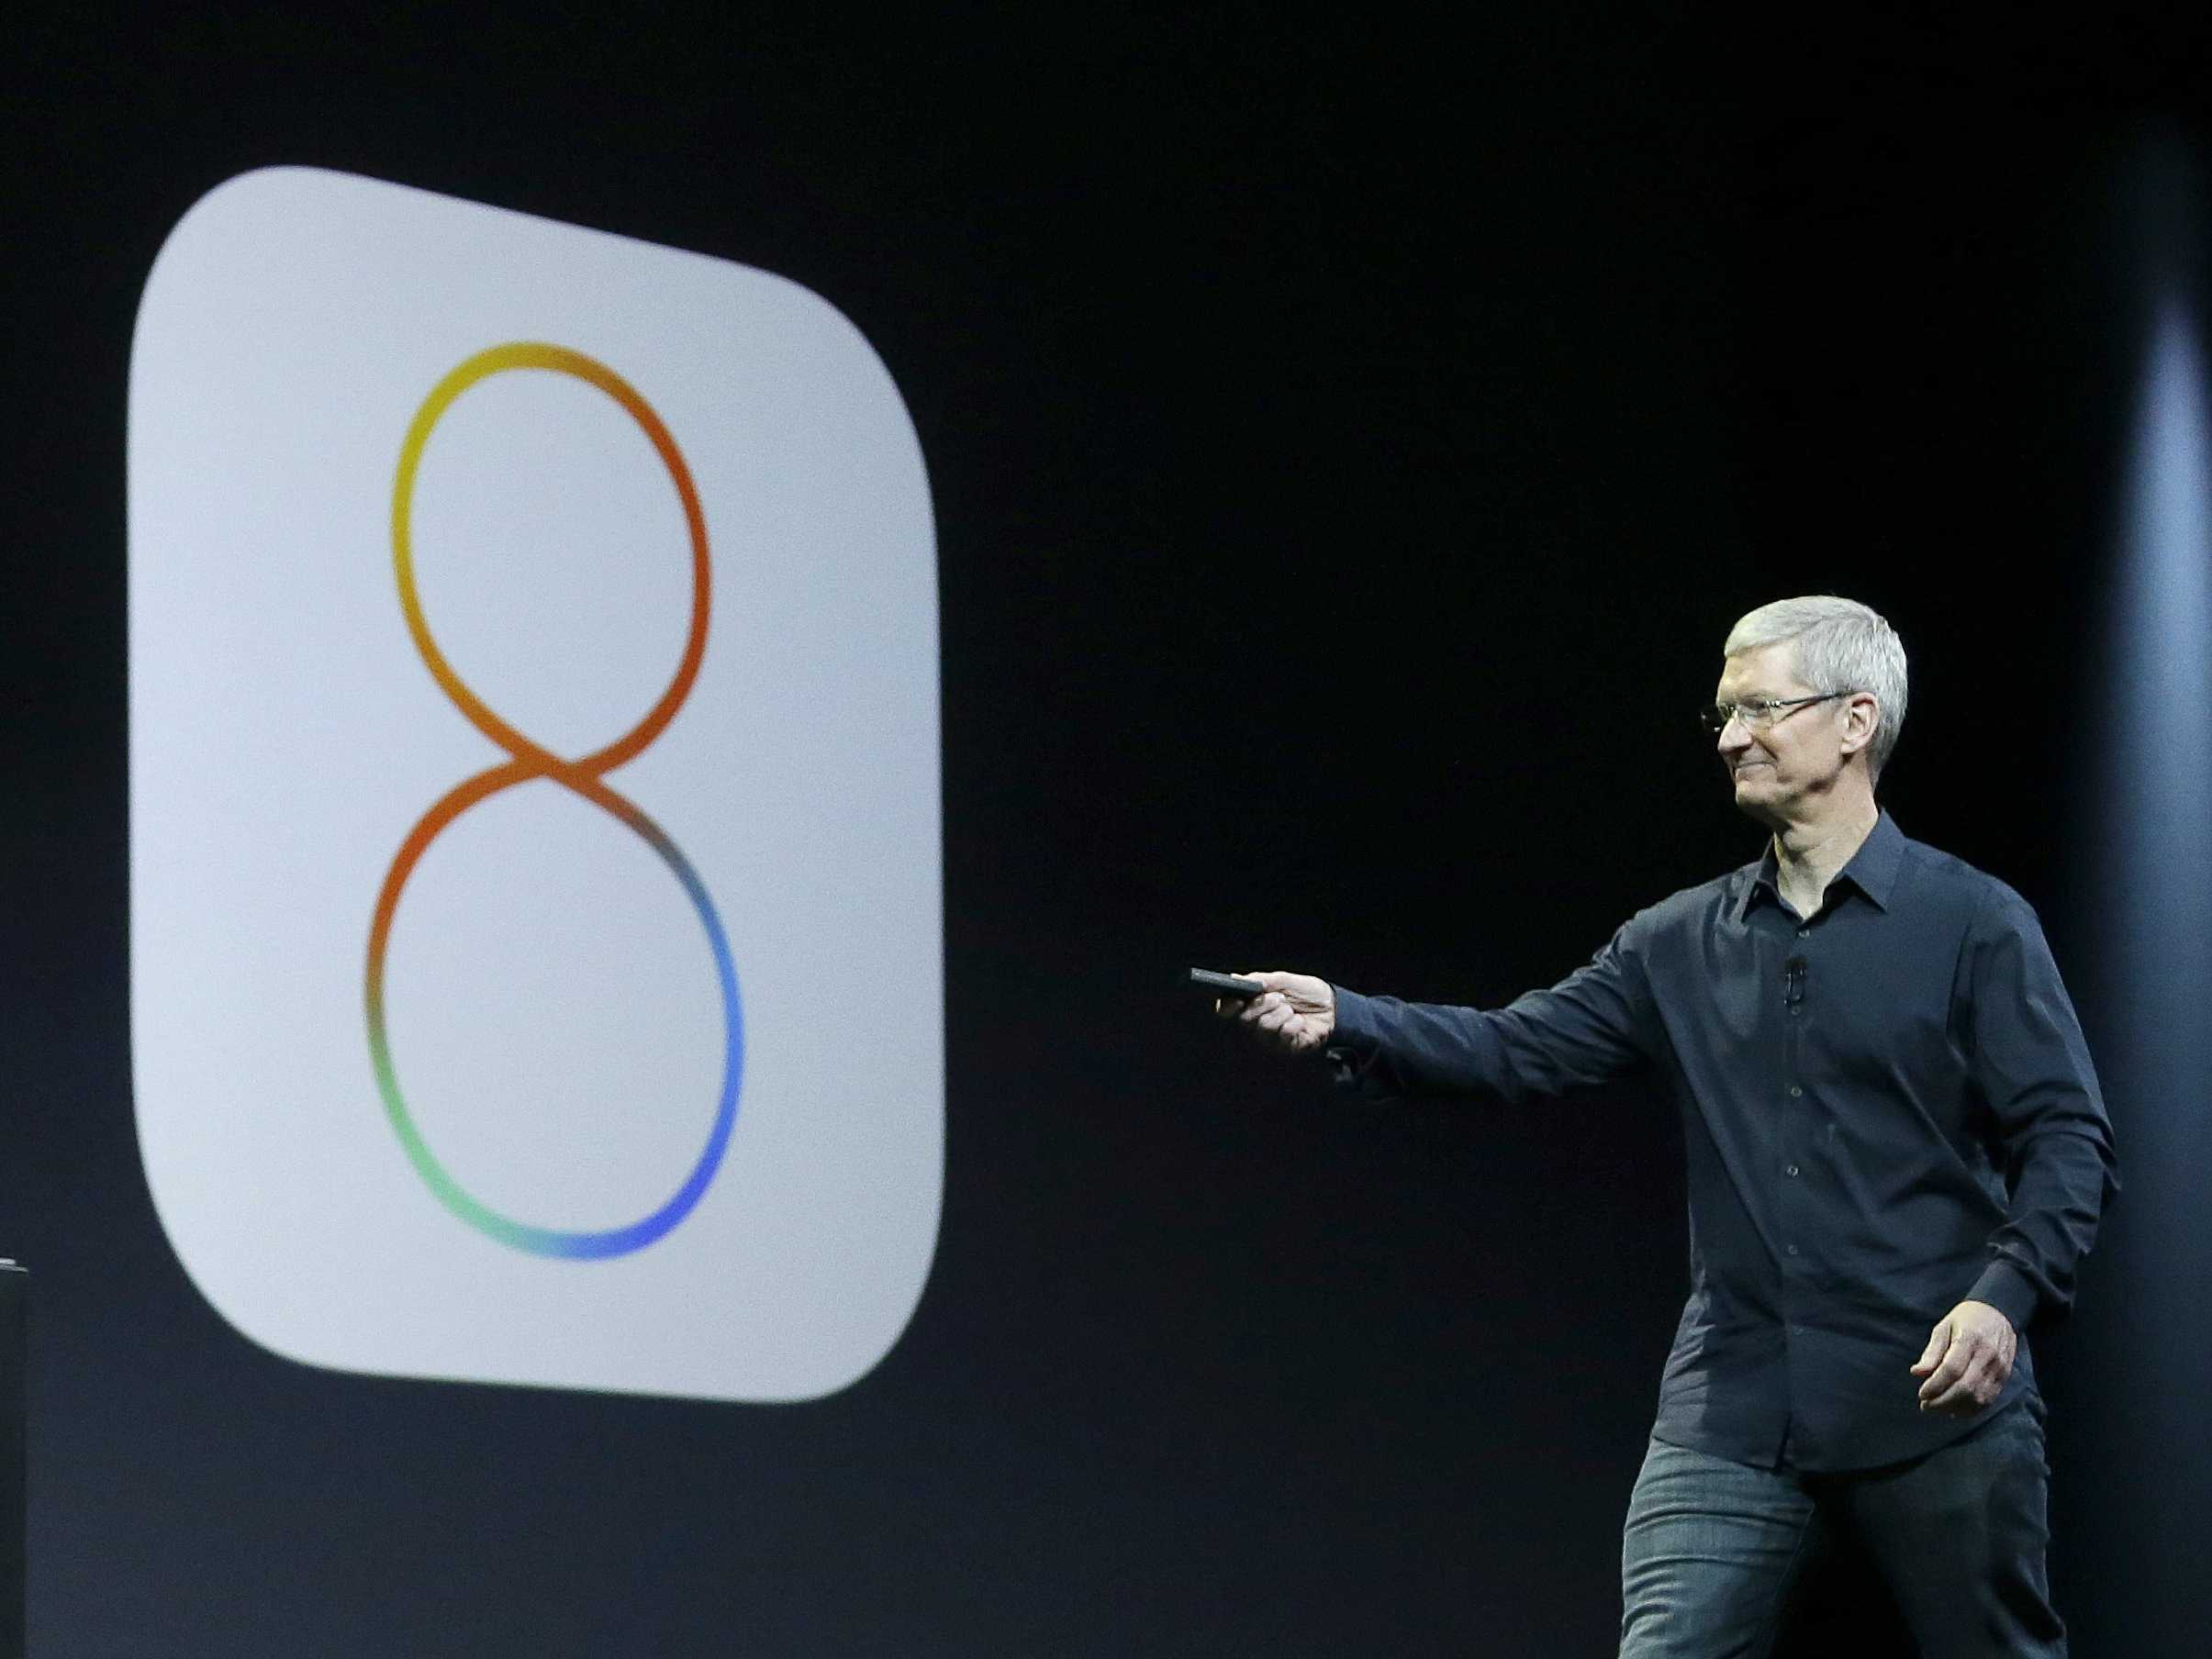 أبل تعالج مشكلة iOS 8.0.1 بتحديث جديد